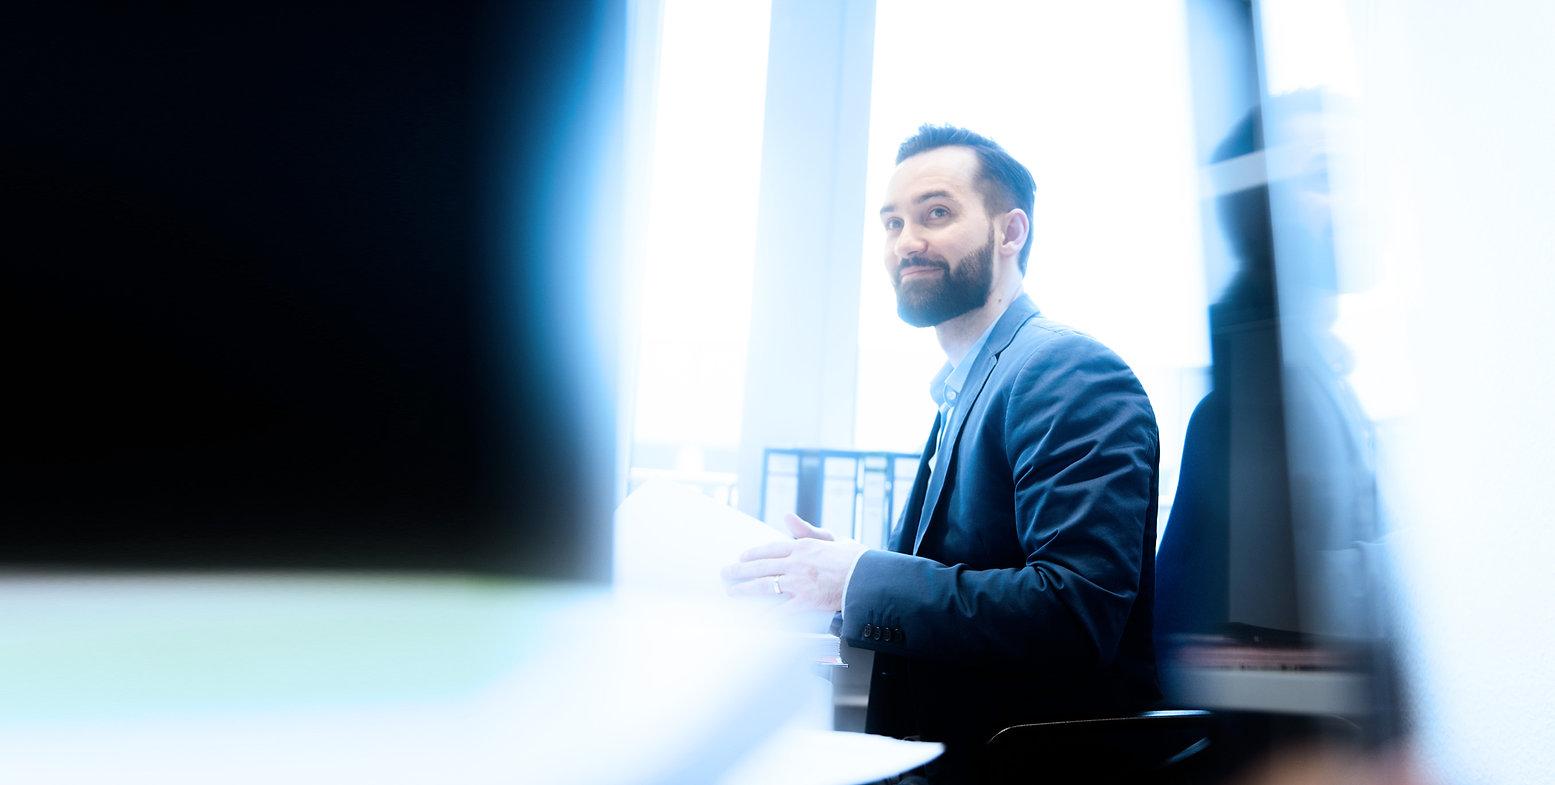 Steuerfachangestellter im Büro, entspannt, lächelnd, sympathisch